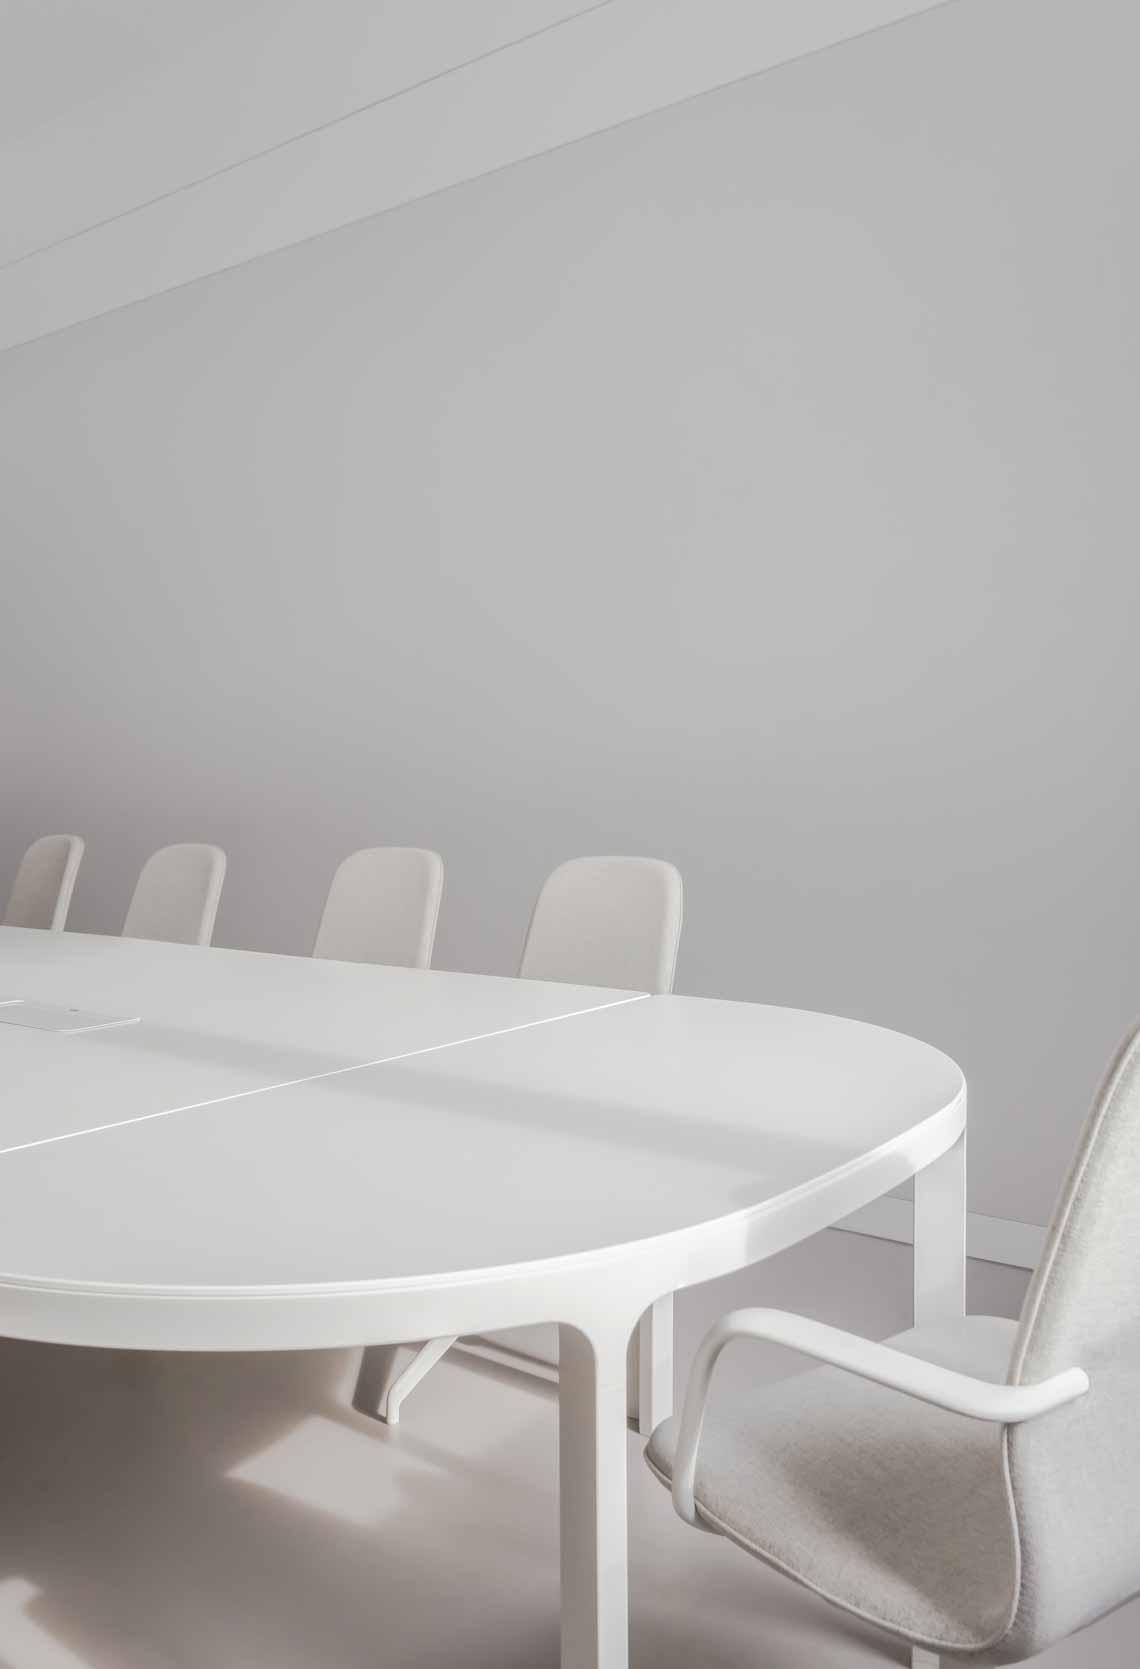 Dự án FG OFF – Một văn phòng không gian hình học màu cam -3